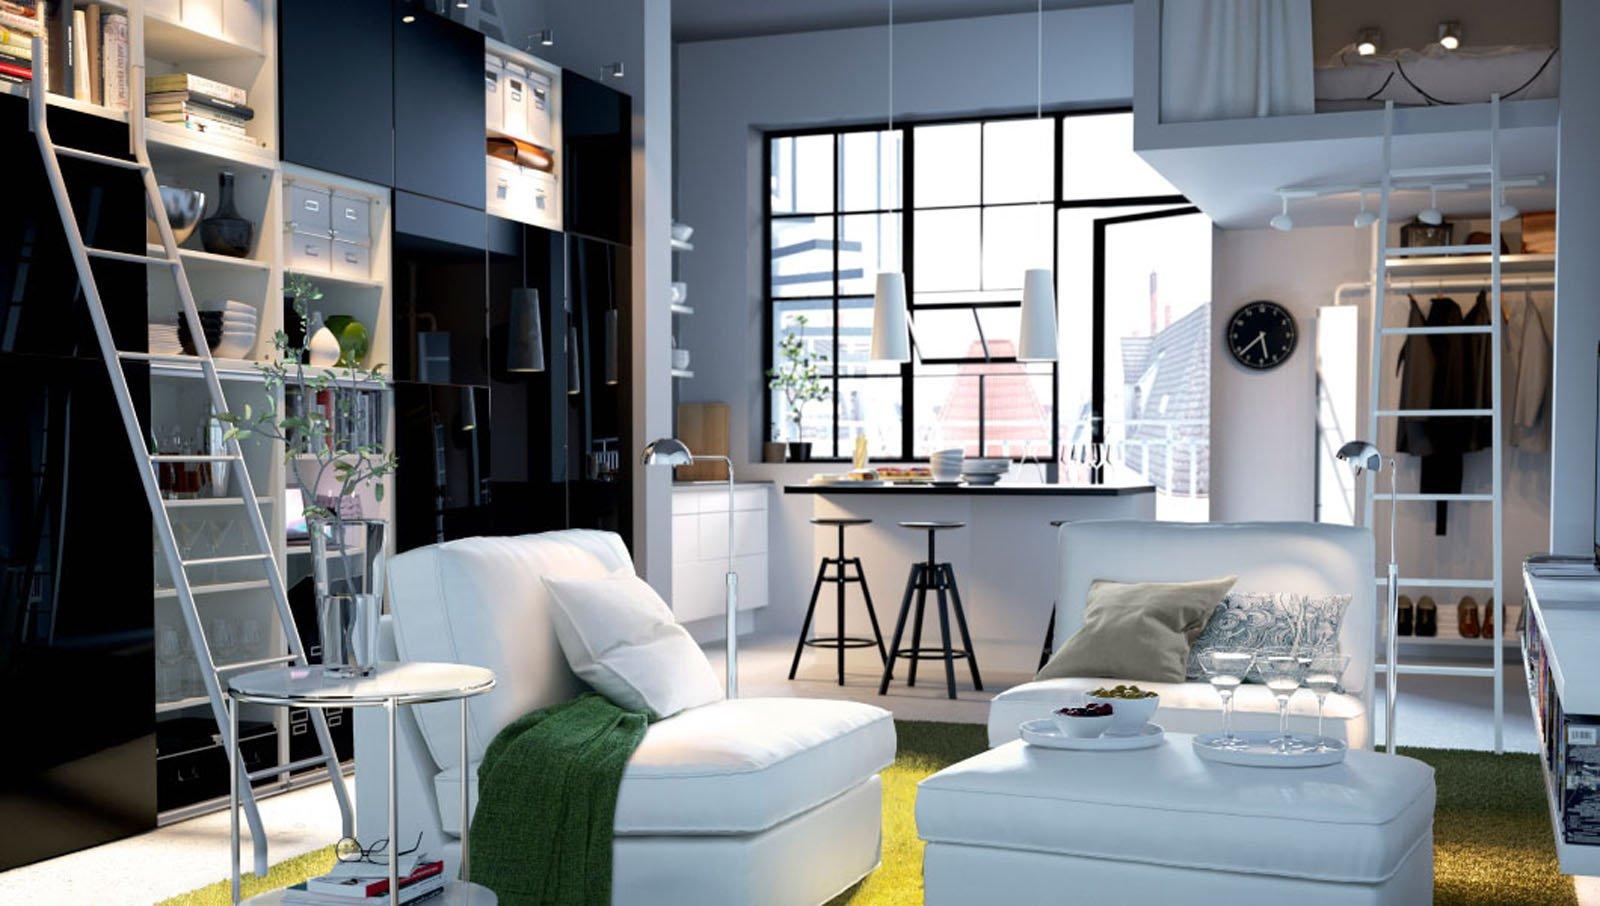 Ikea incentiva il bonus mobili cose di casa - Ikea arredamento completo casa ...